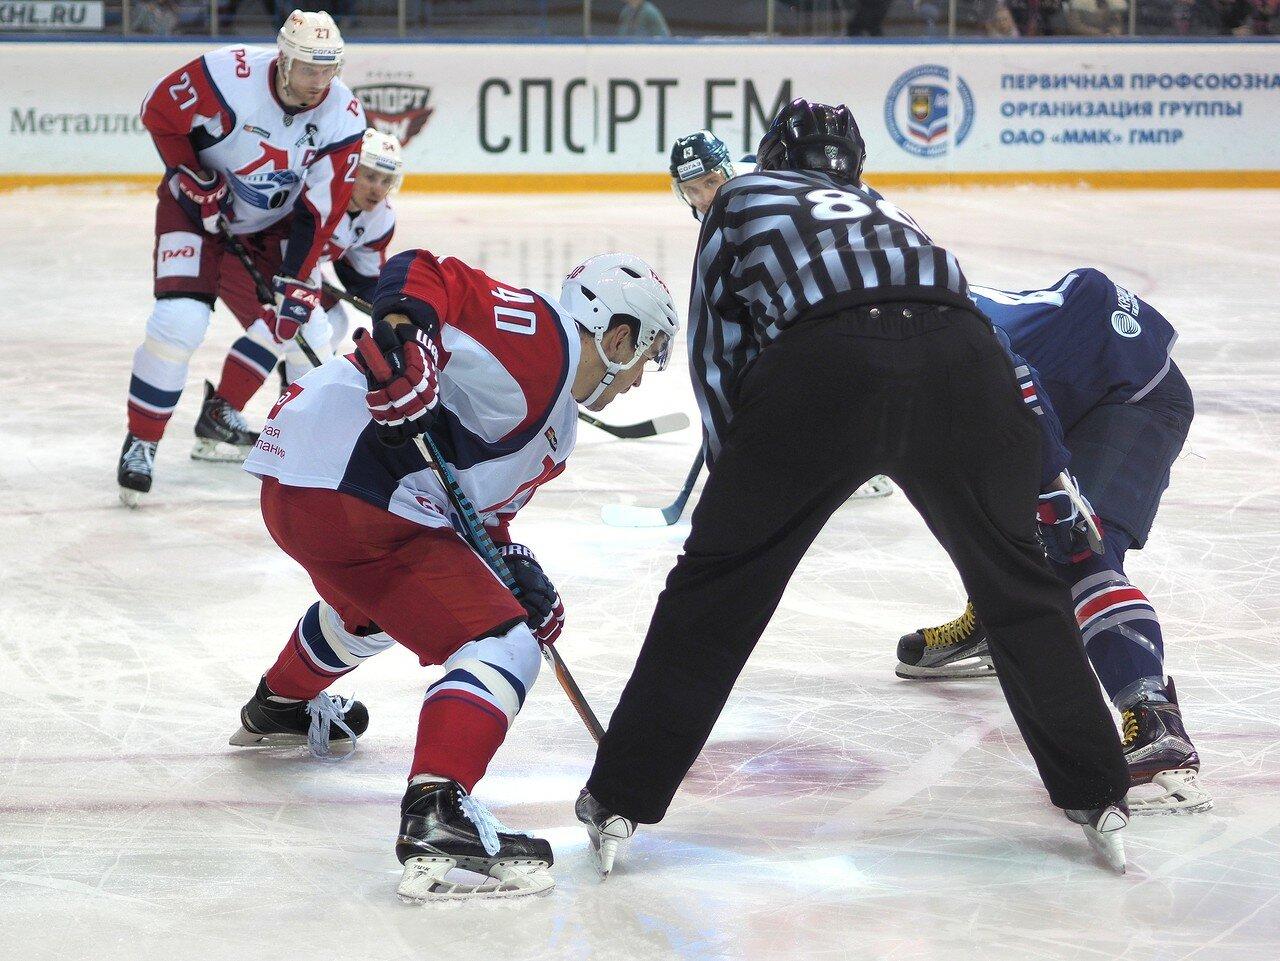 81Металлург - Локомотив 23.11.2016